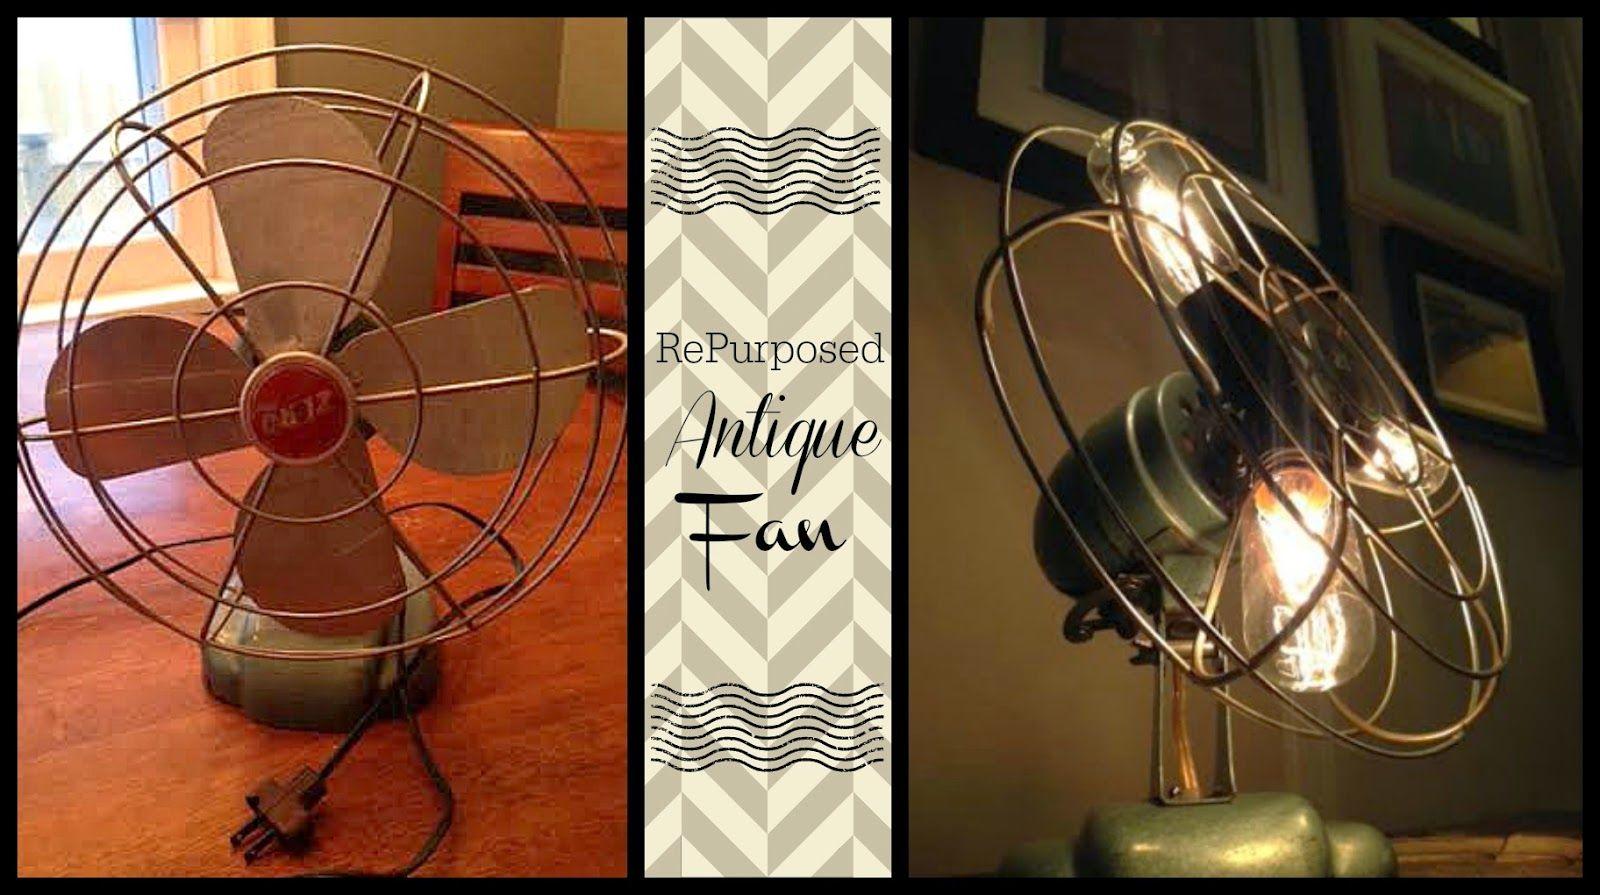 Repurposed Antique Lamp